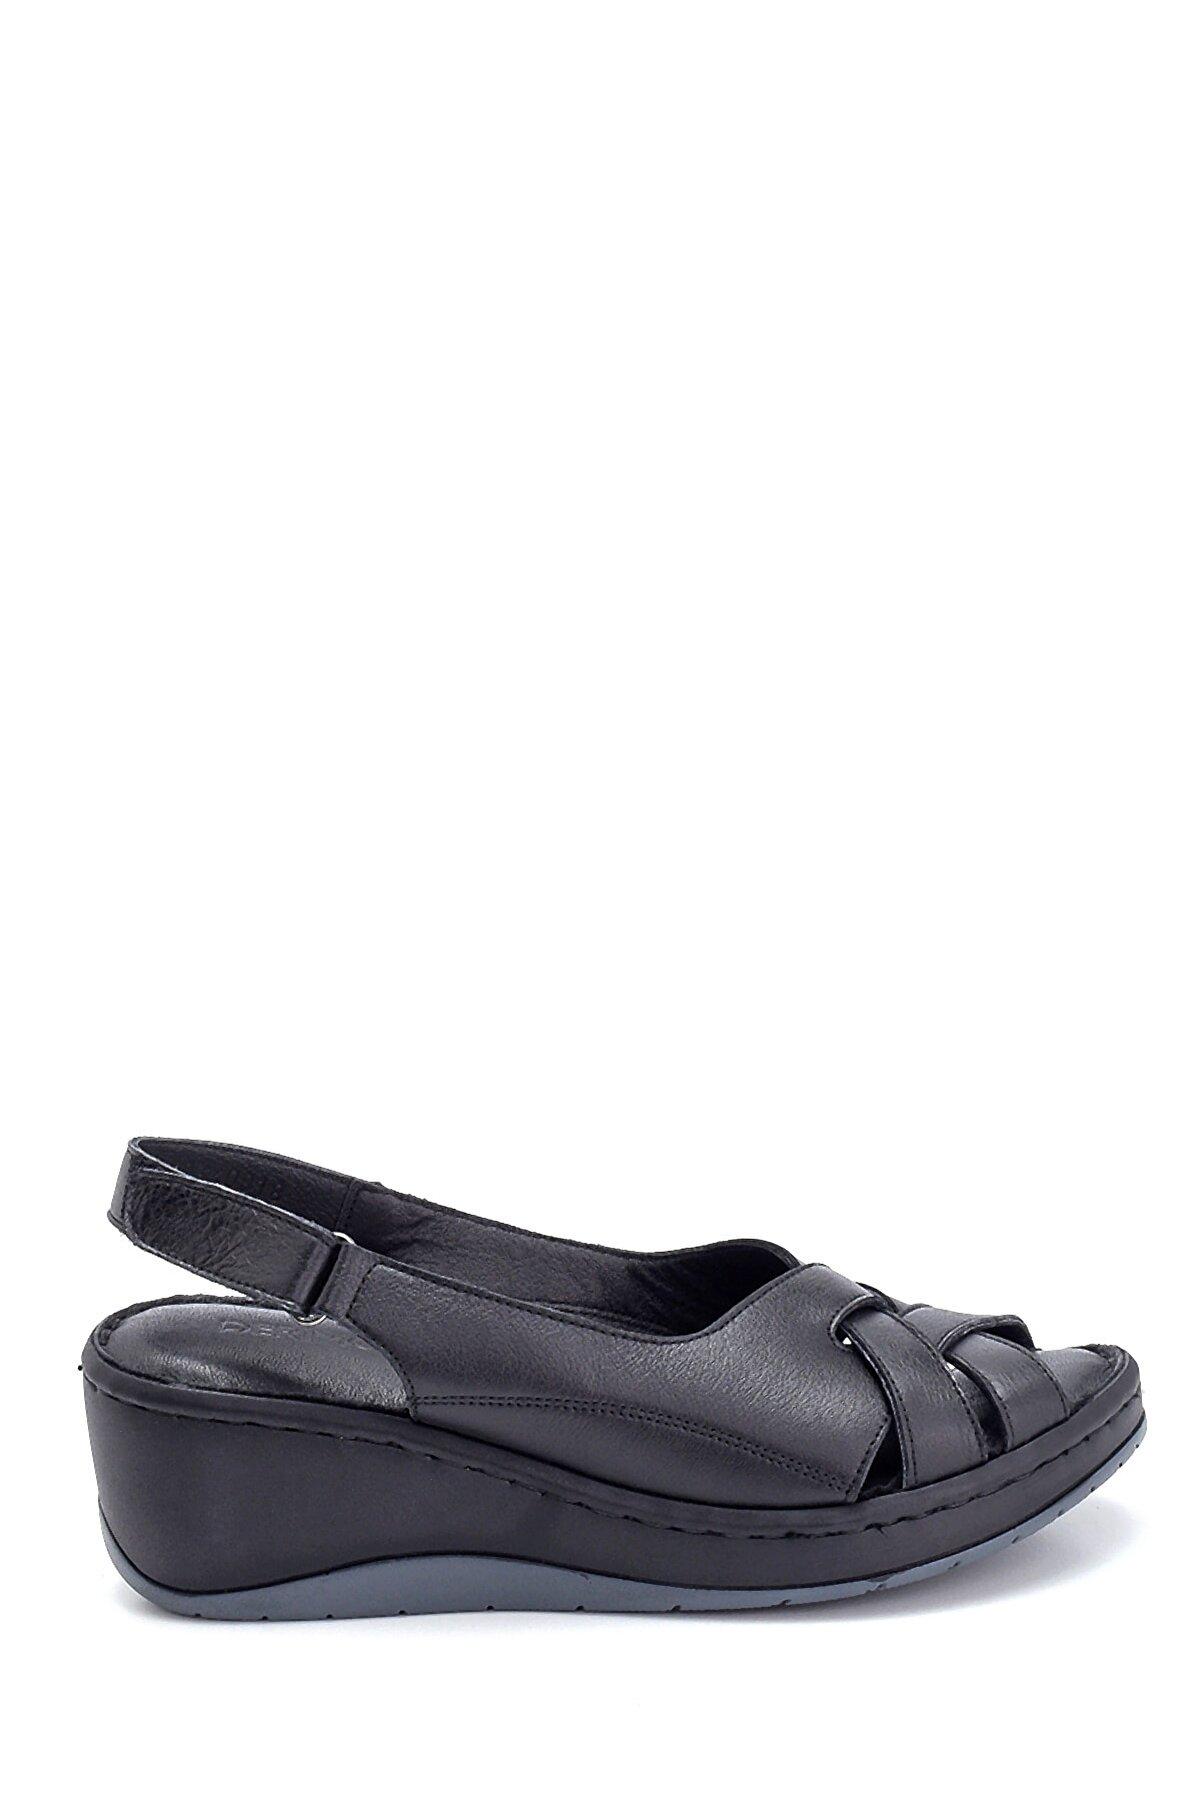 Derimod Kadın Comfort Dolgu Topuk Deri Sandalet